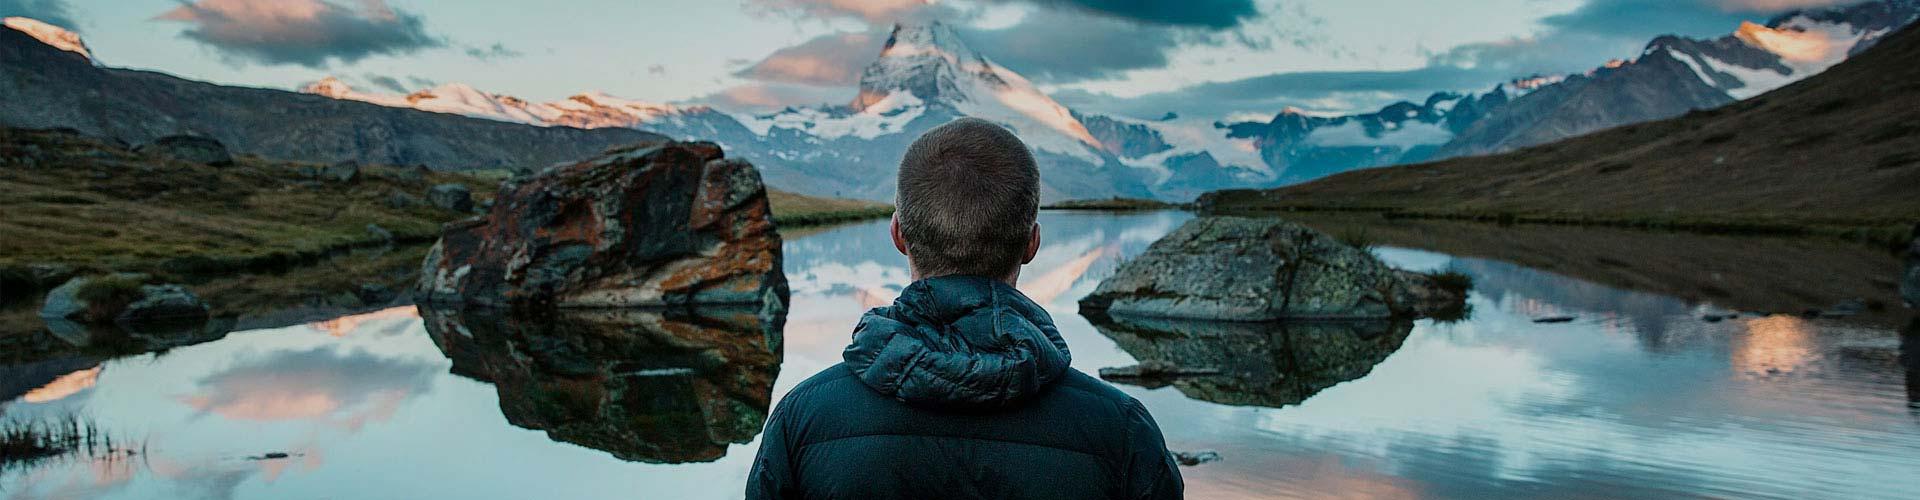 Геологическая экспедиция как развивающая социальная среда